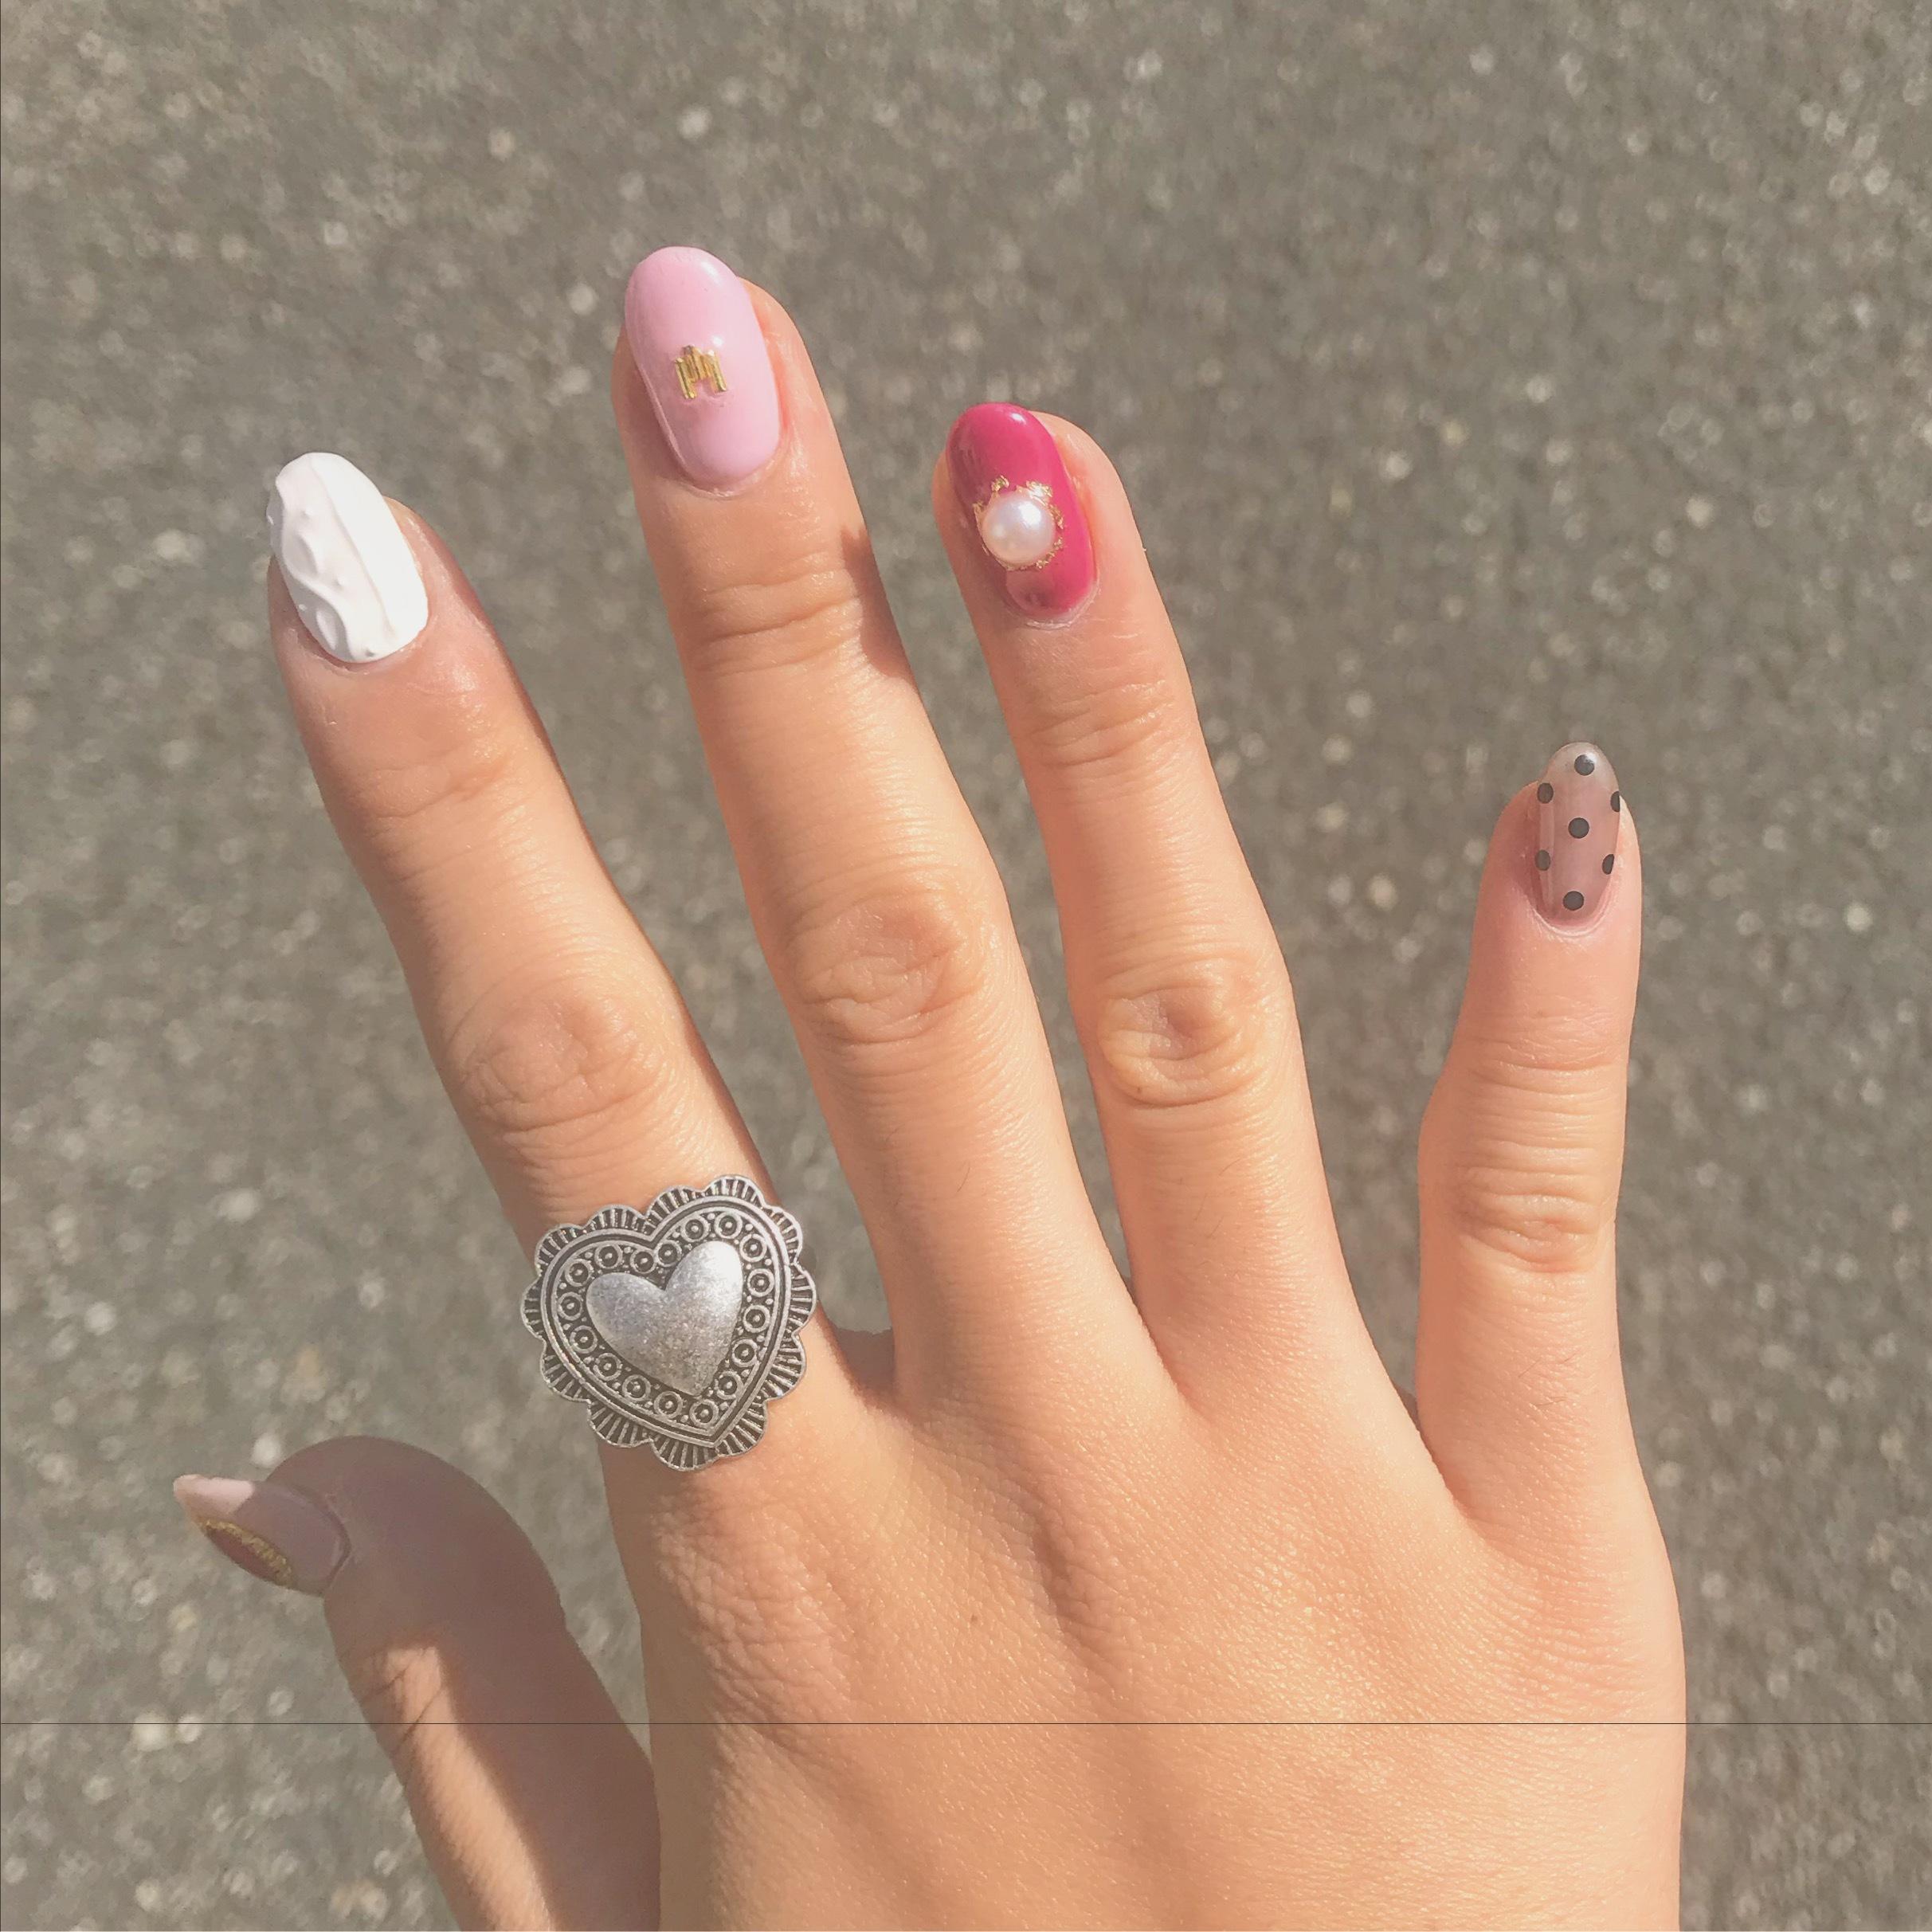 【オシャレは爪先からʕ•̫͡•ʔ♬✧】  この冬におすすめのネイルデザインとは!?_1_3